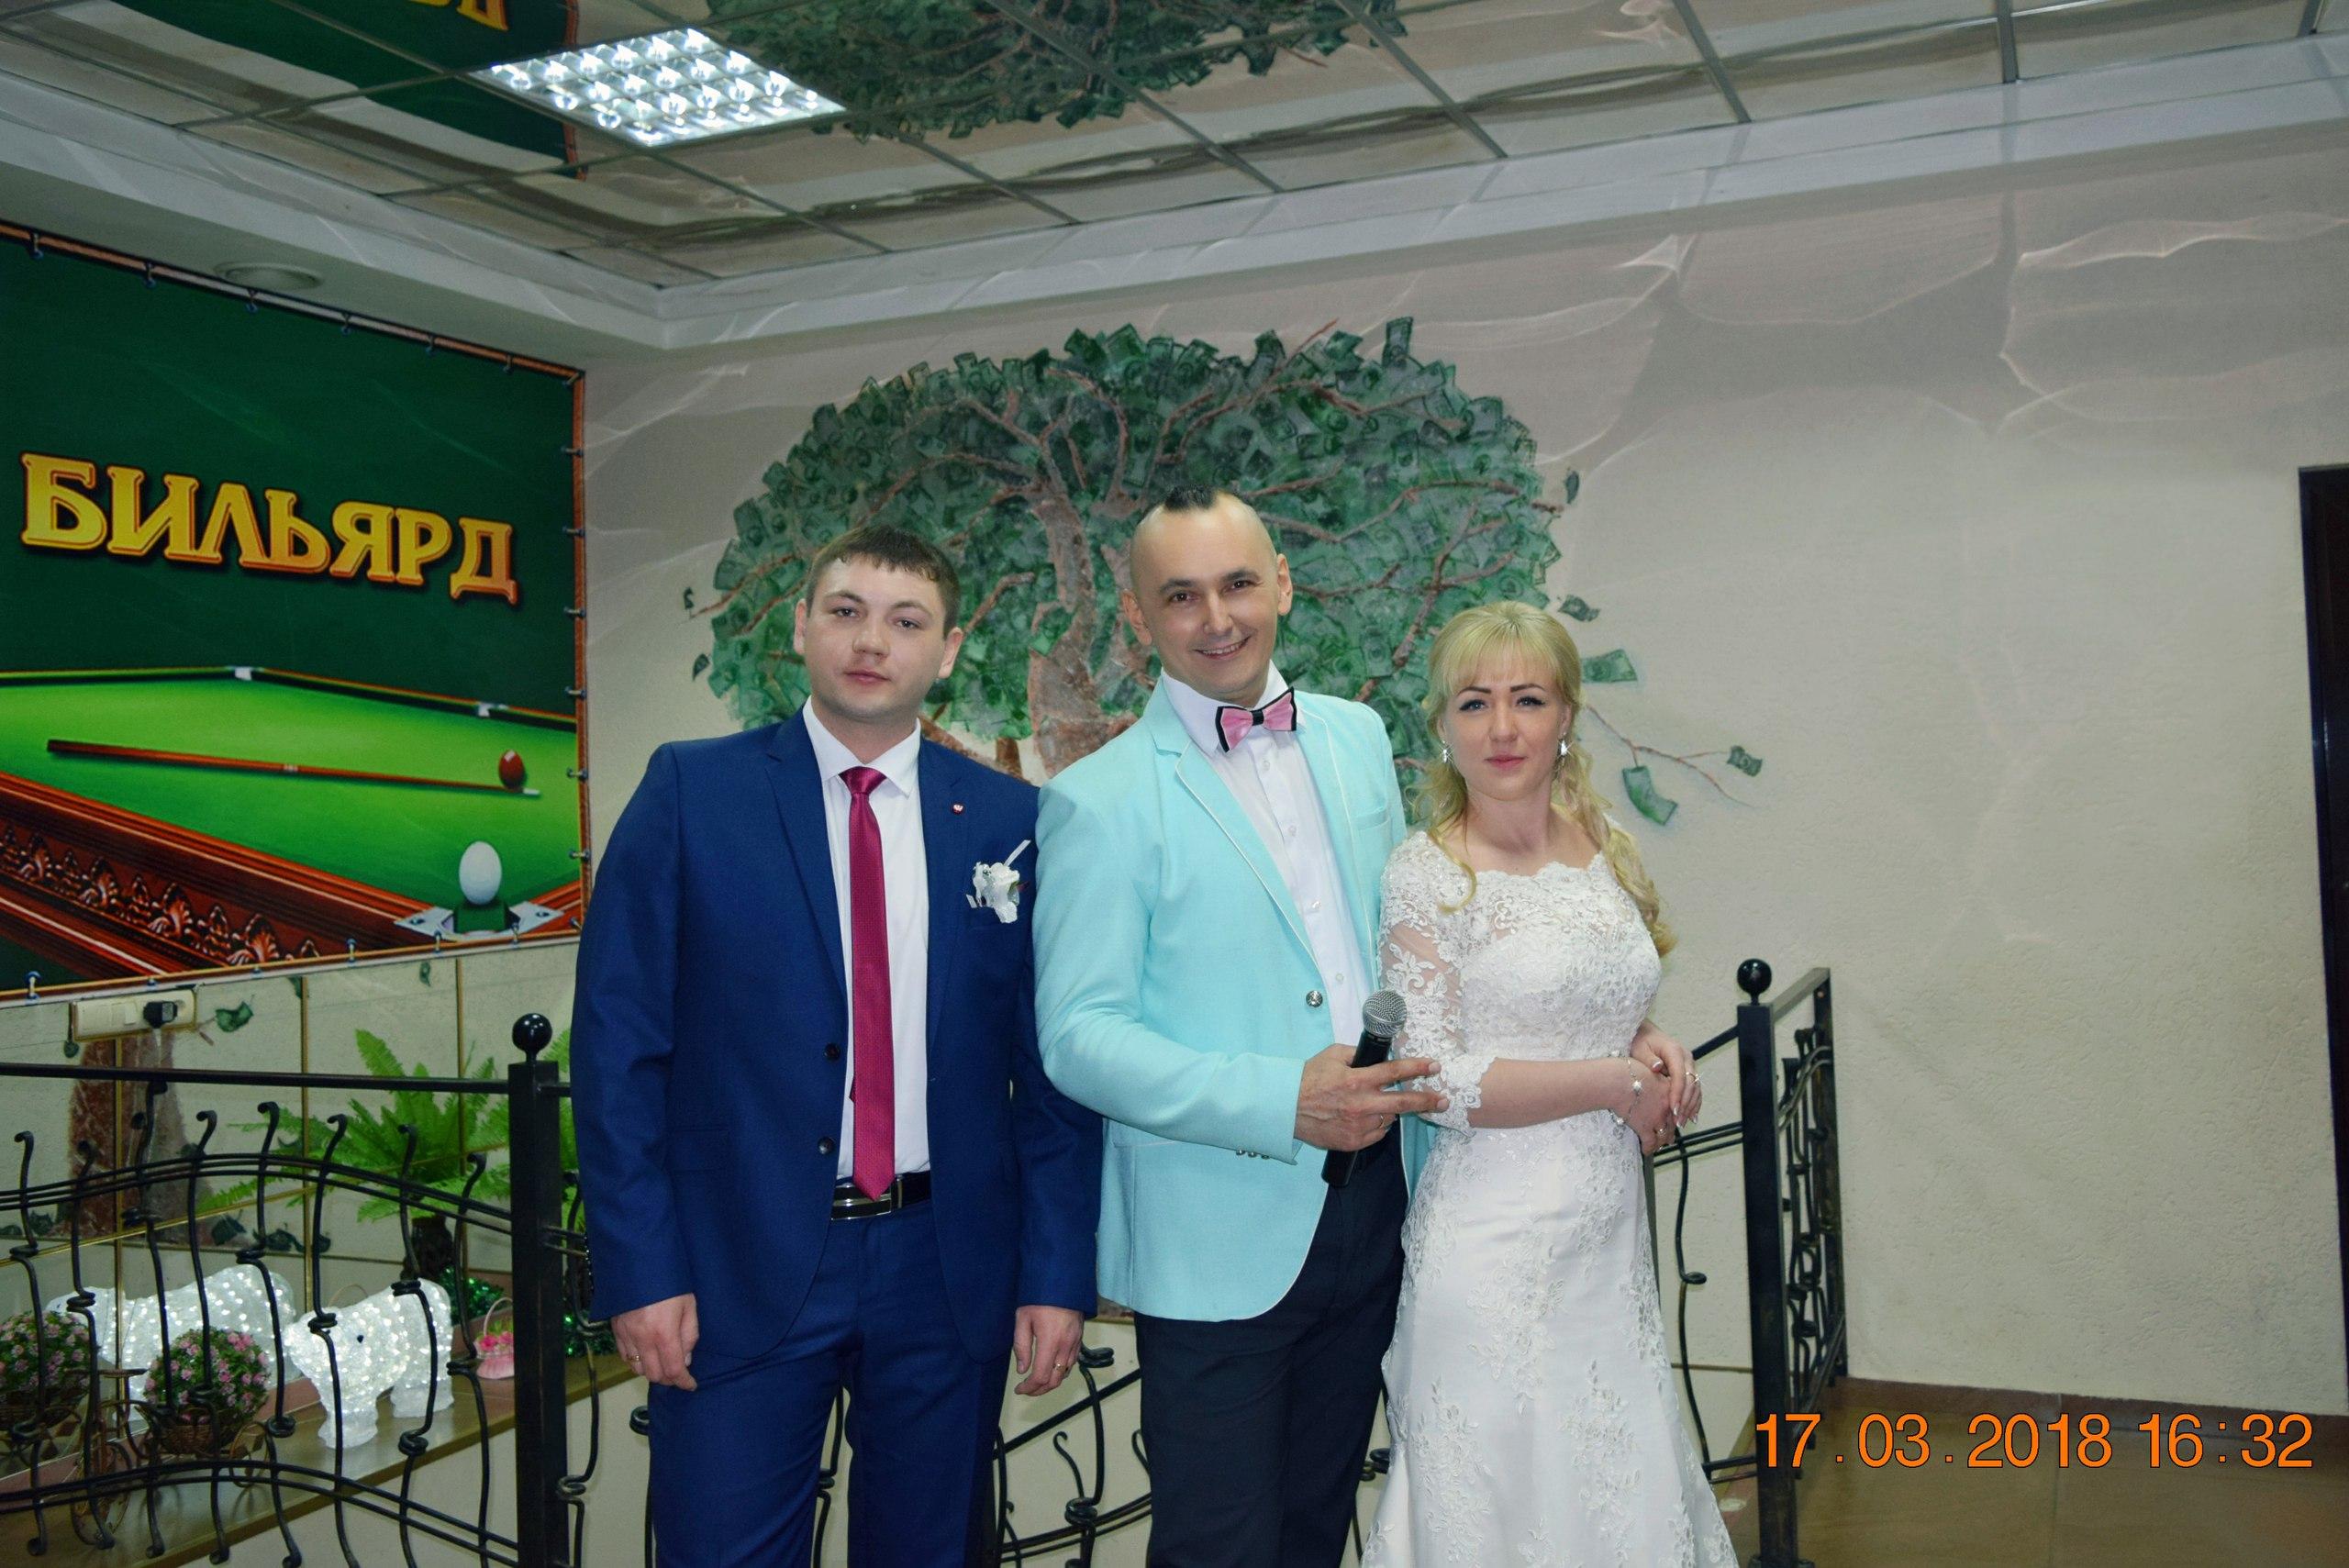 5acnjUc6BrQ - Свадьба Анатолия и Виктории